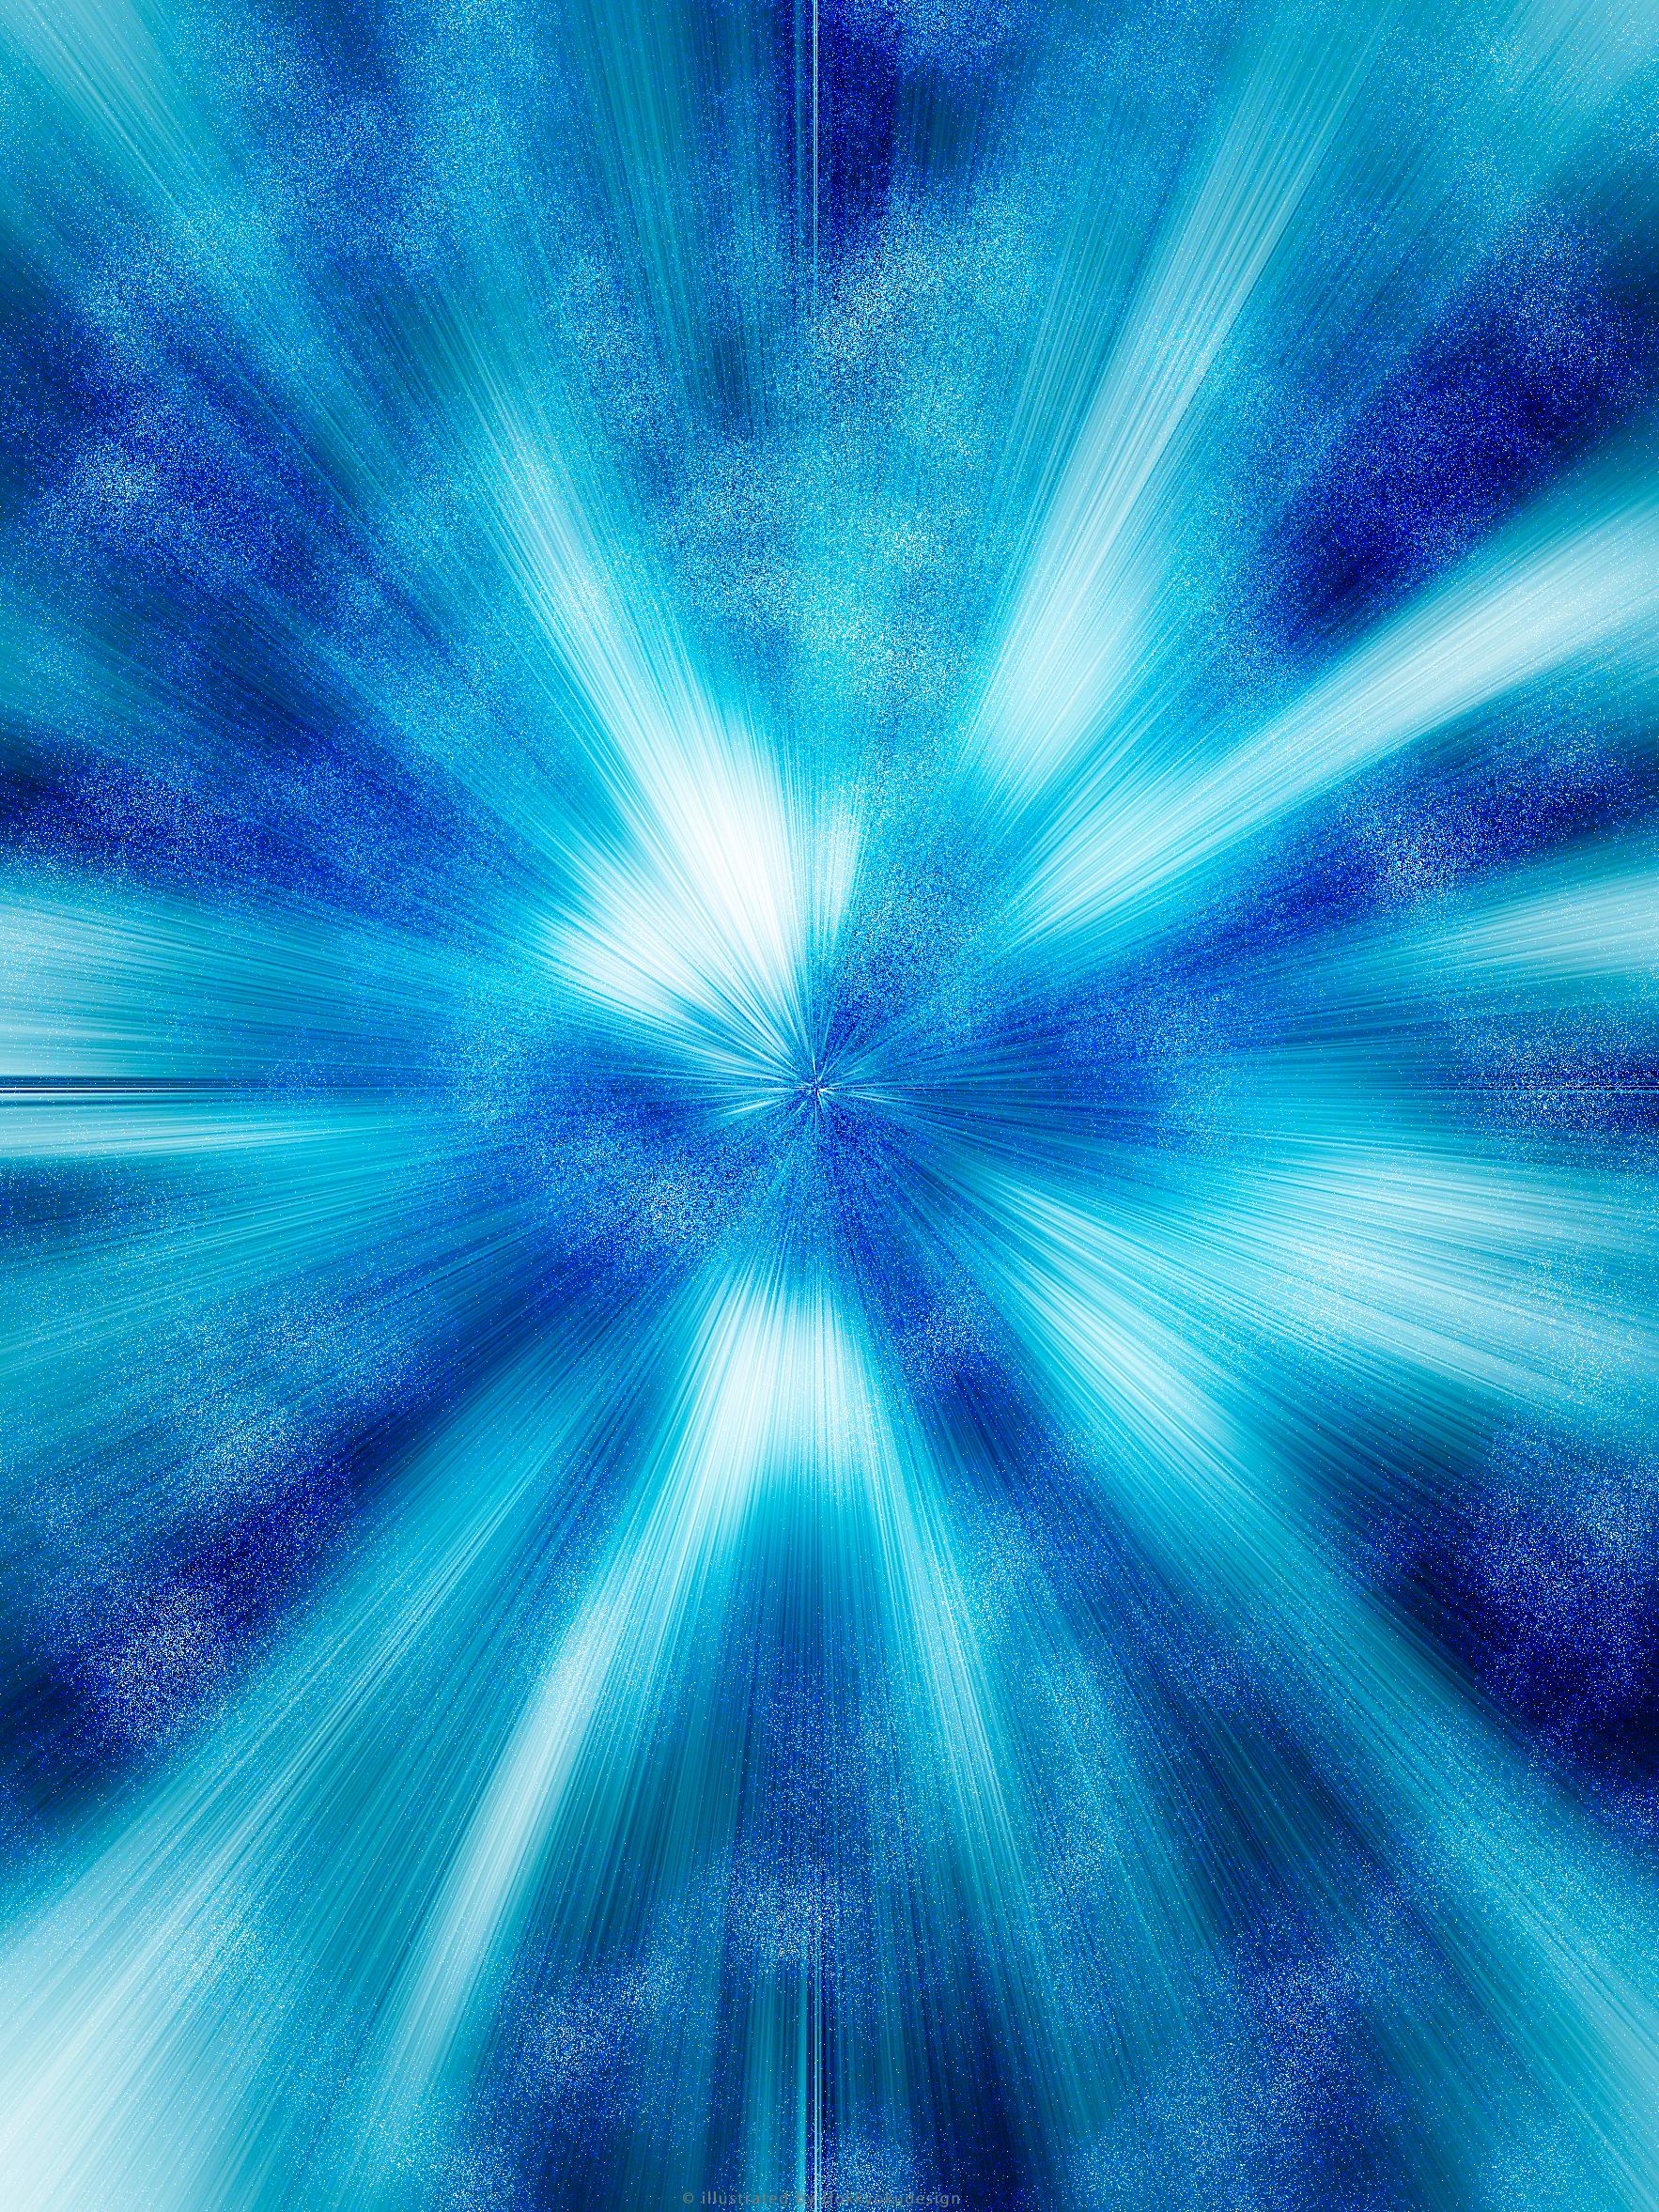 スマートフォン用壁紙 journey to the center of the earth 7 8 light